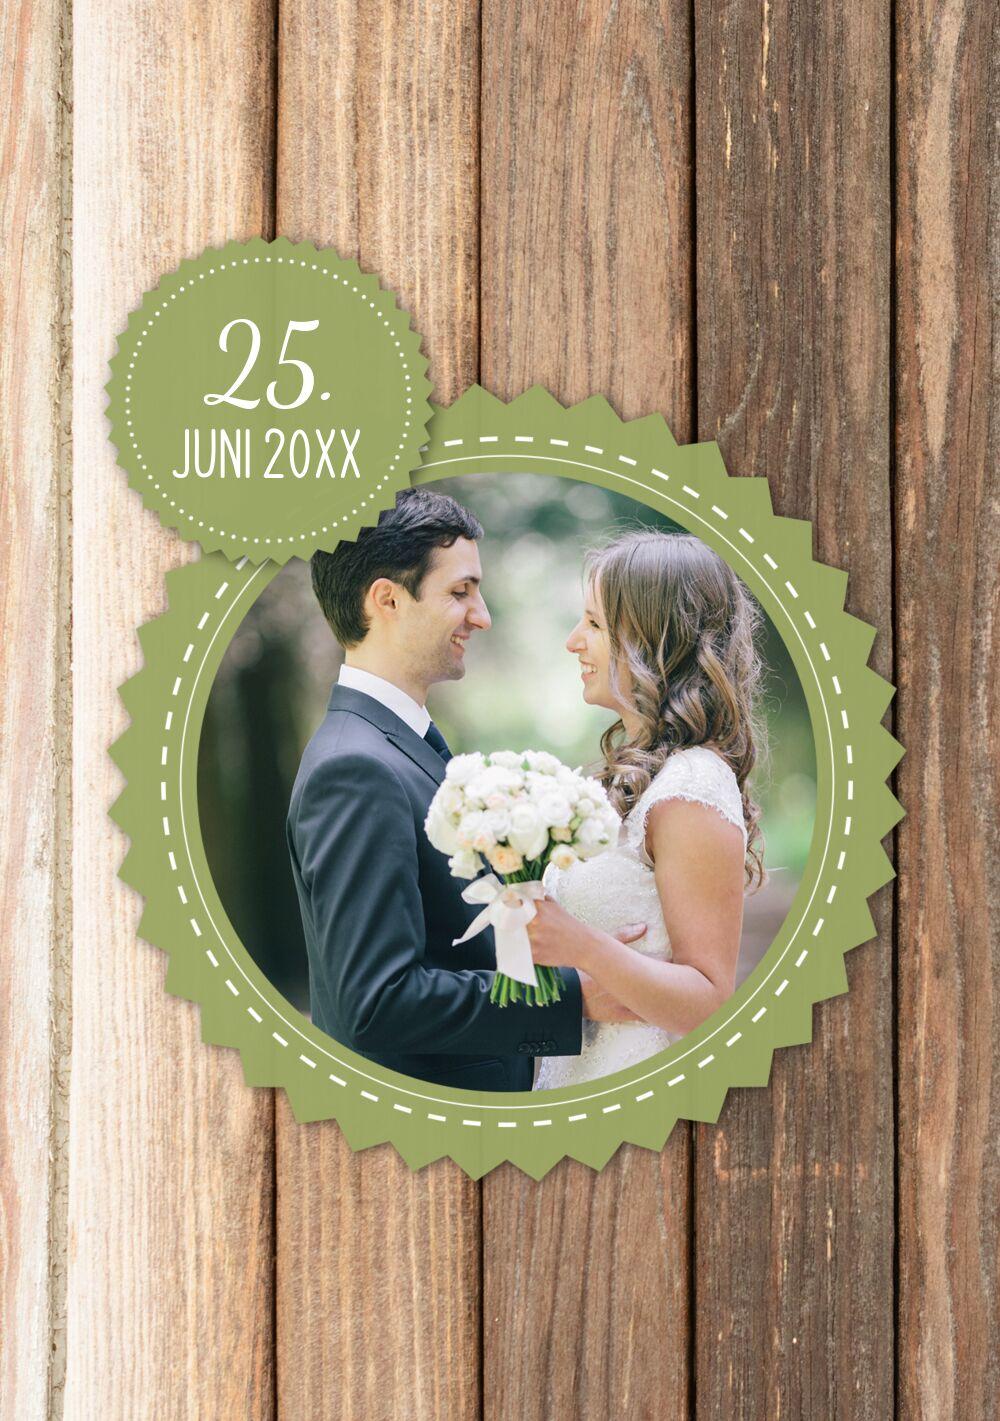 Ansicht 4 - Hochzeit Dankeskarte Vintage Holz